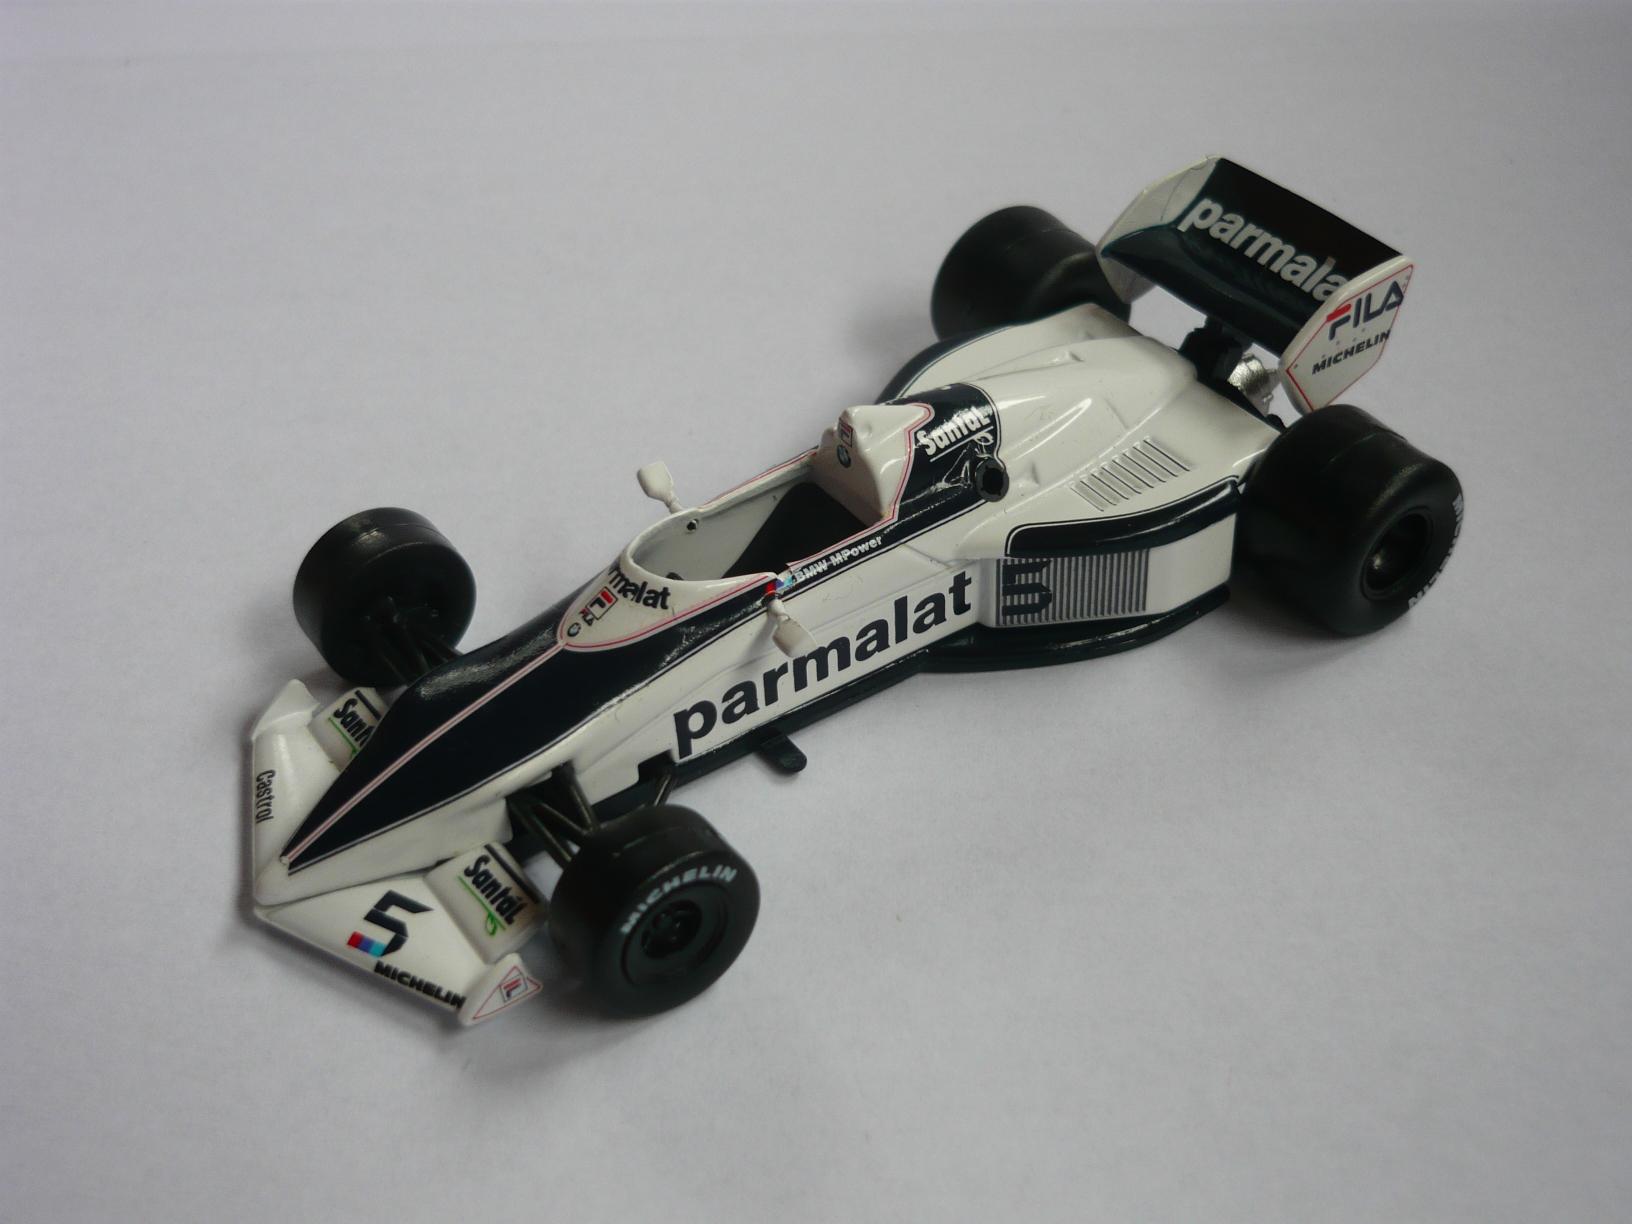 1983-as Brabham. Ennek viszont már van visszapillantó tükre, de abban nincs sok köszönet. Letörni pofonegyszerű őket, visszaragasztani már kevésbé...